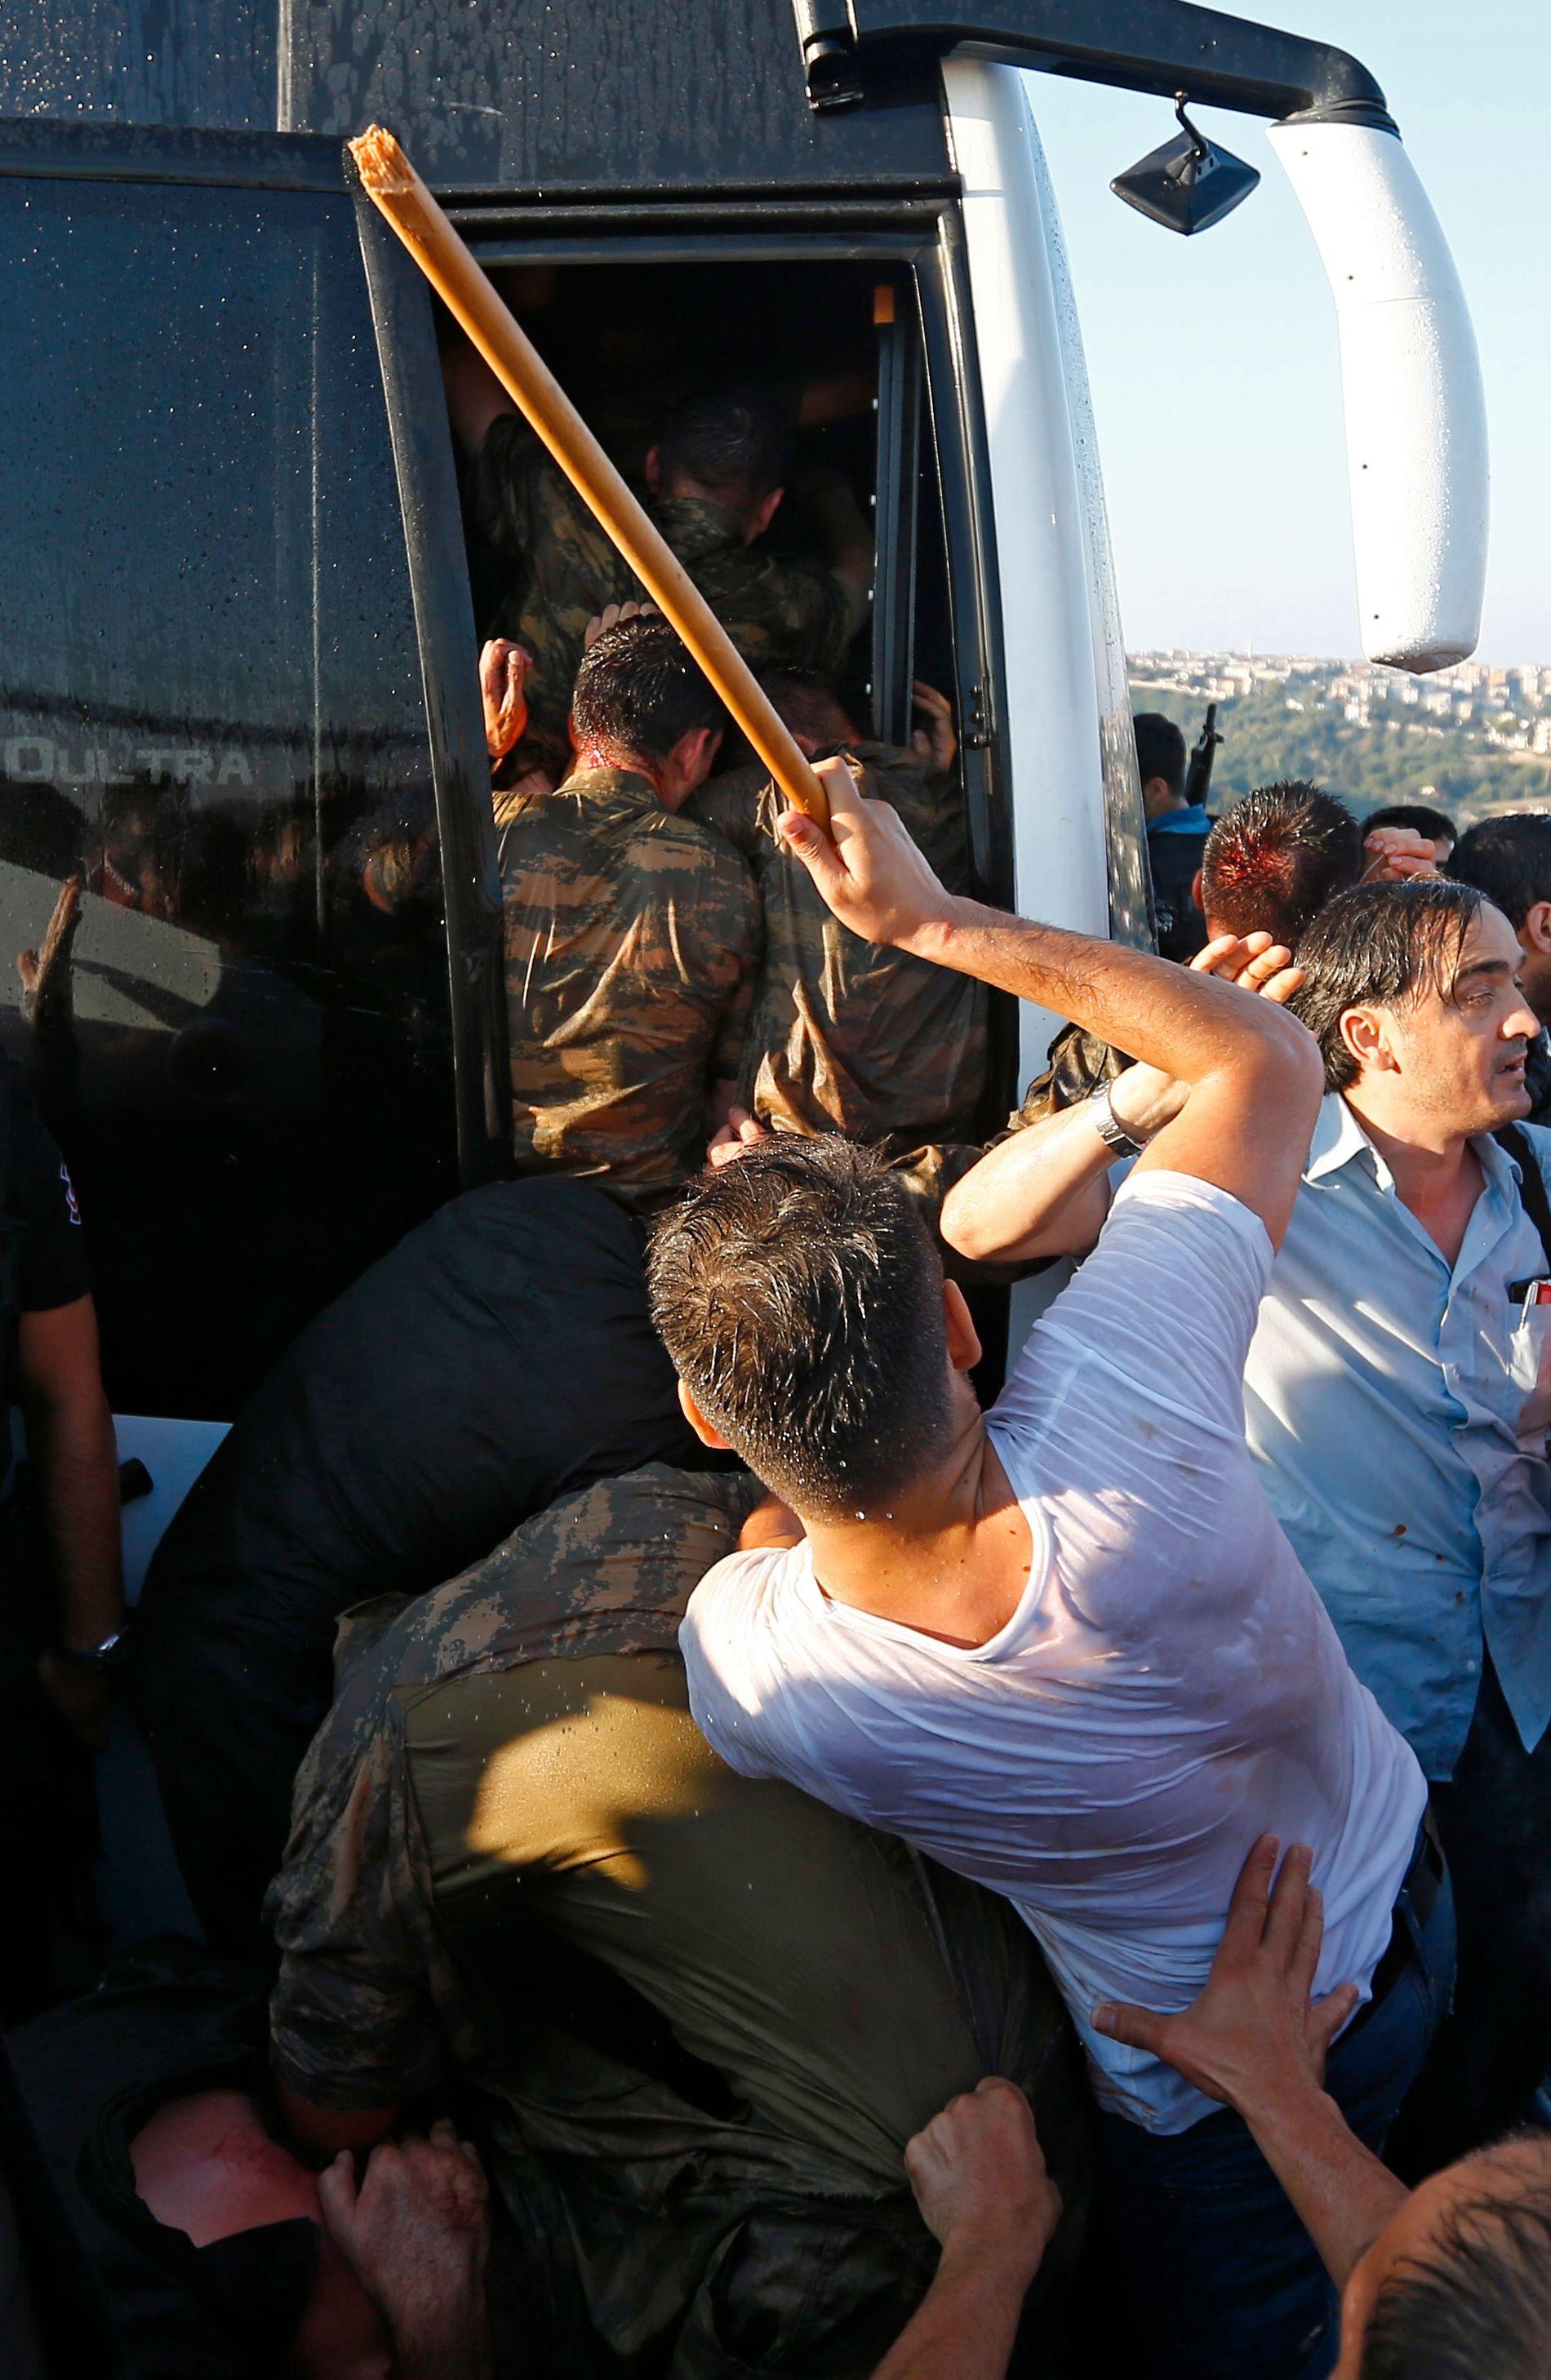 SLÅTT: Militære blir slått etter kuppforsøket i natt.